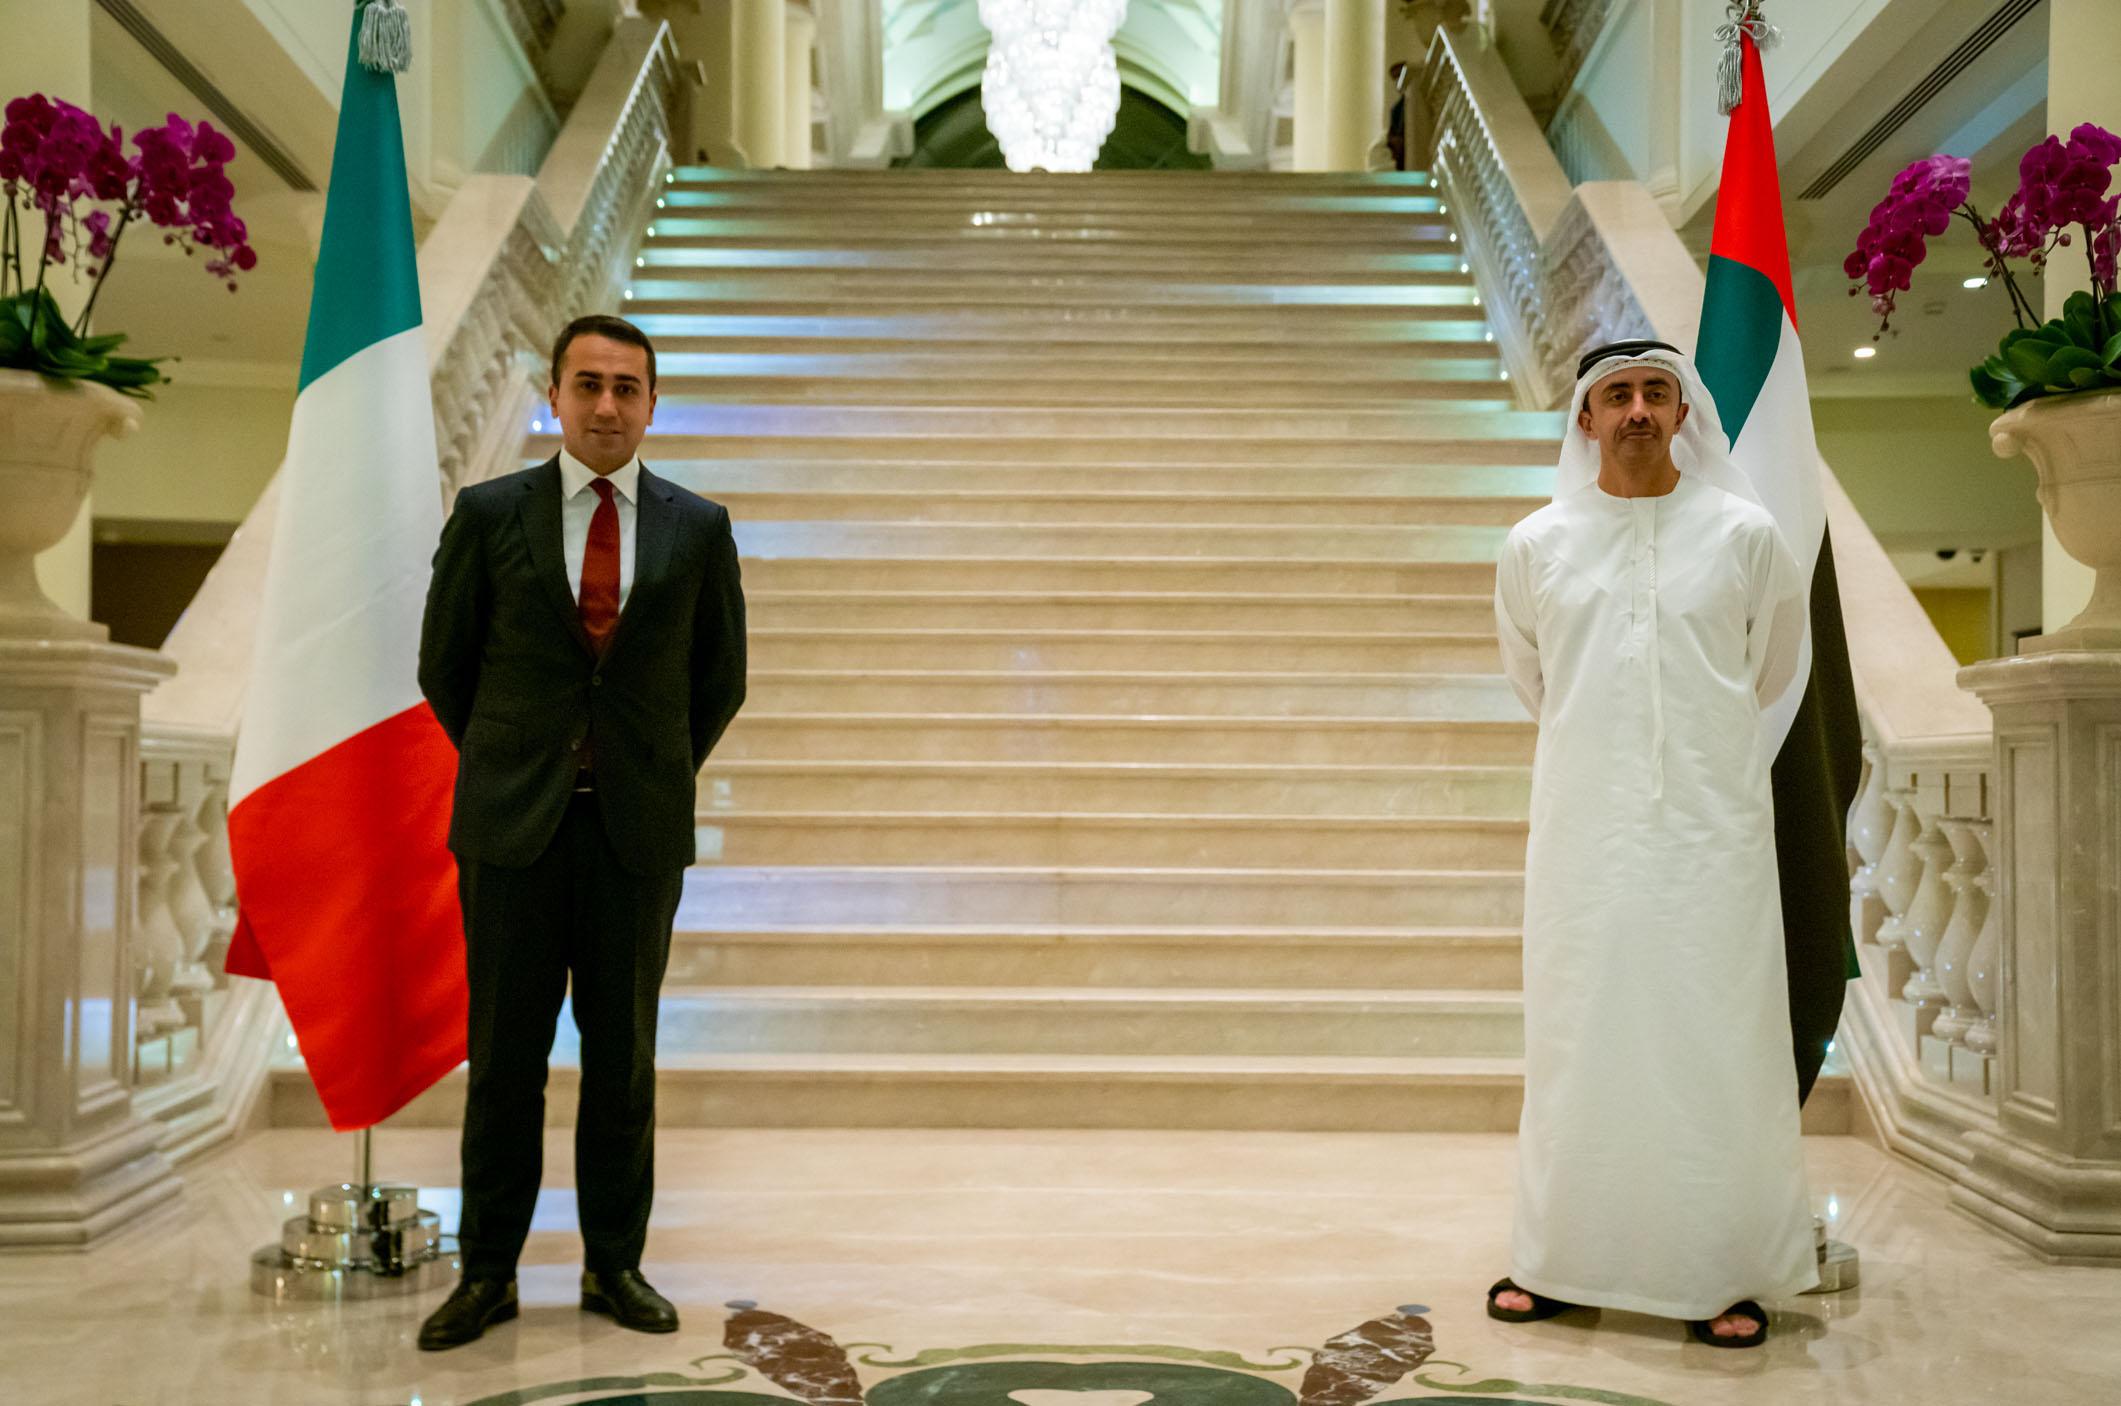 عبدالله بن زايد ووزير الخارجية الإيطالي يترأسان الحوار الاستراتيجي الرابع بين البلدين